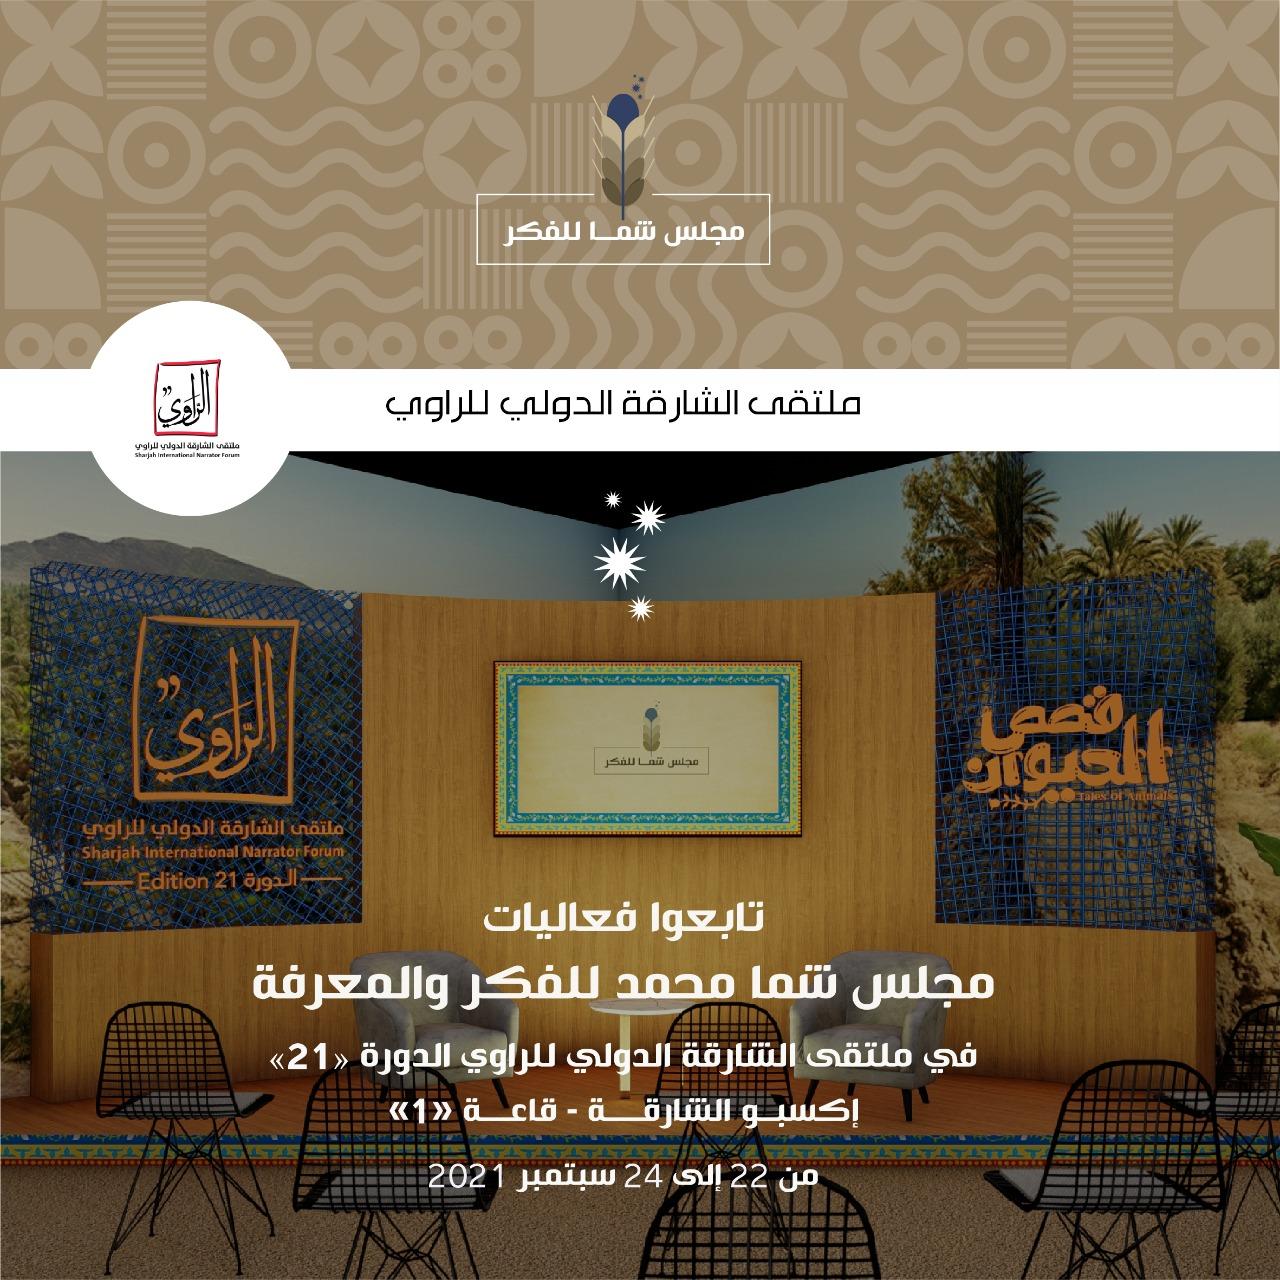 مؤسسات الشيخ محمد بن خالد آل نهيان تشارك في ملتقى الشارقة الدولي للراوي